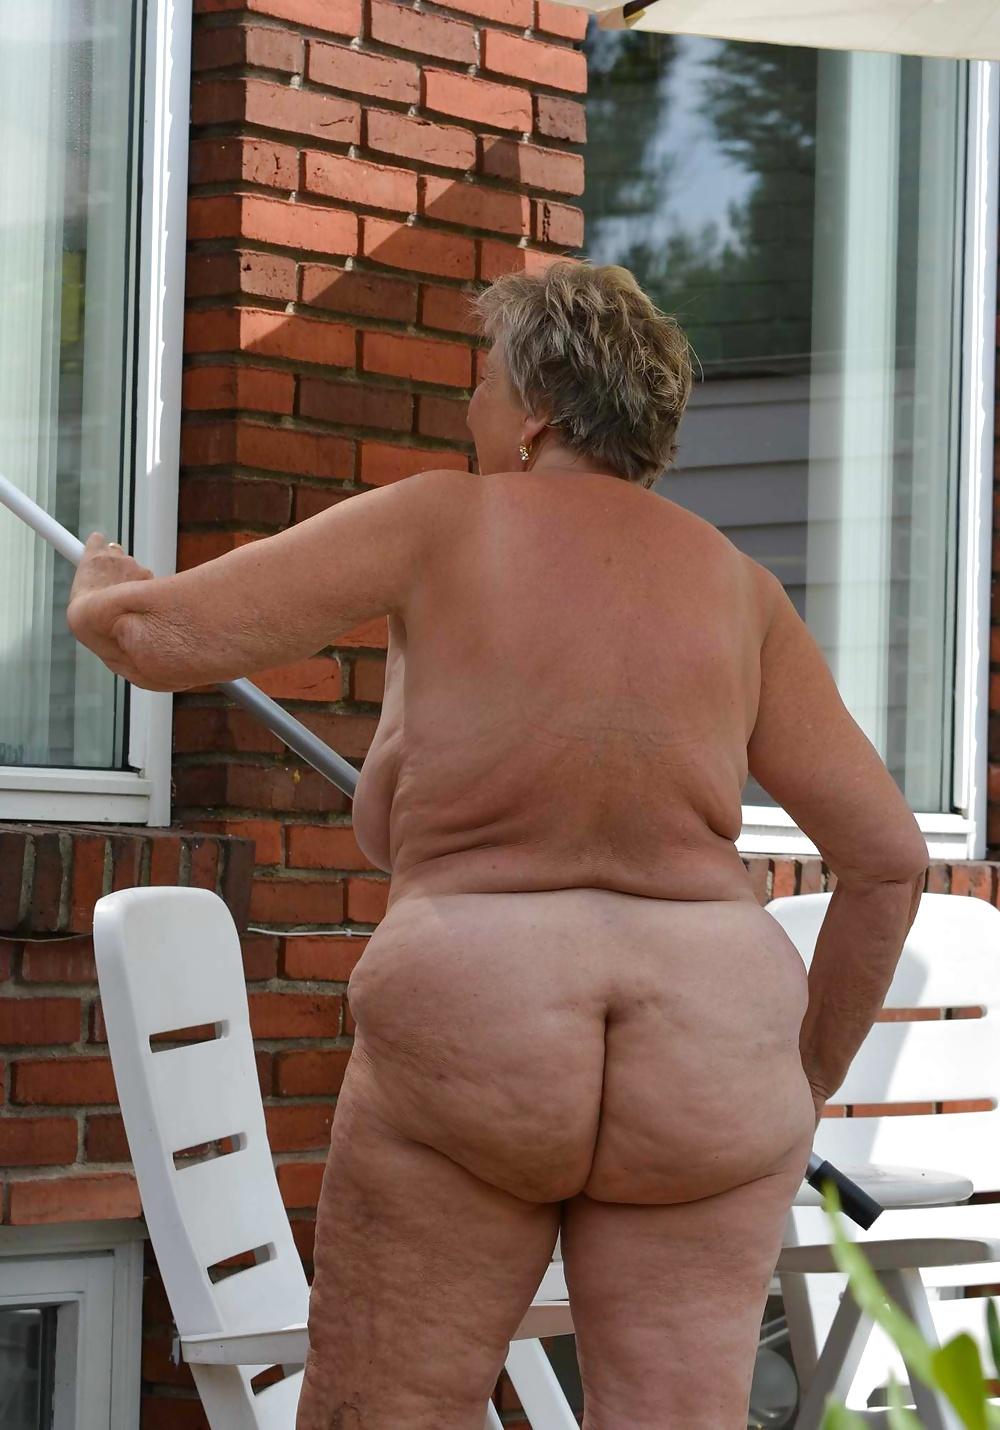 Grandma, Your Nude - 75 Pics  Xhamster-5991